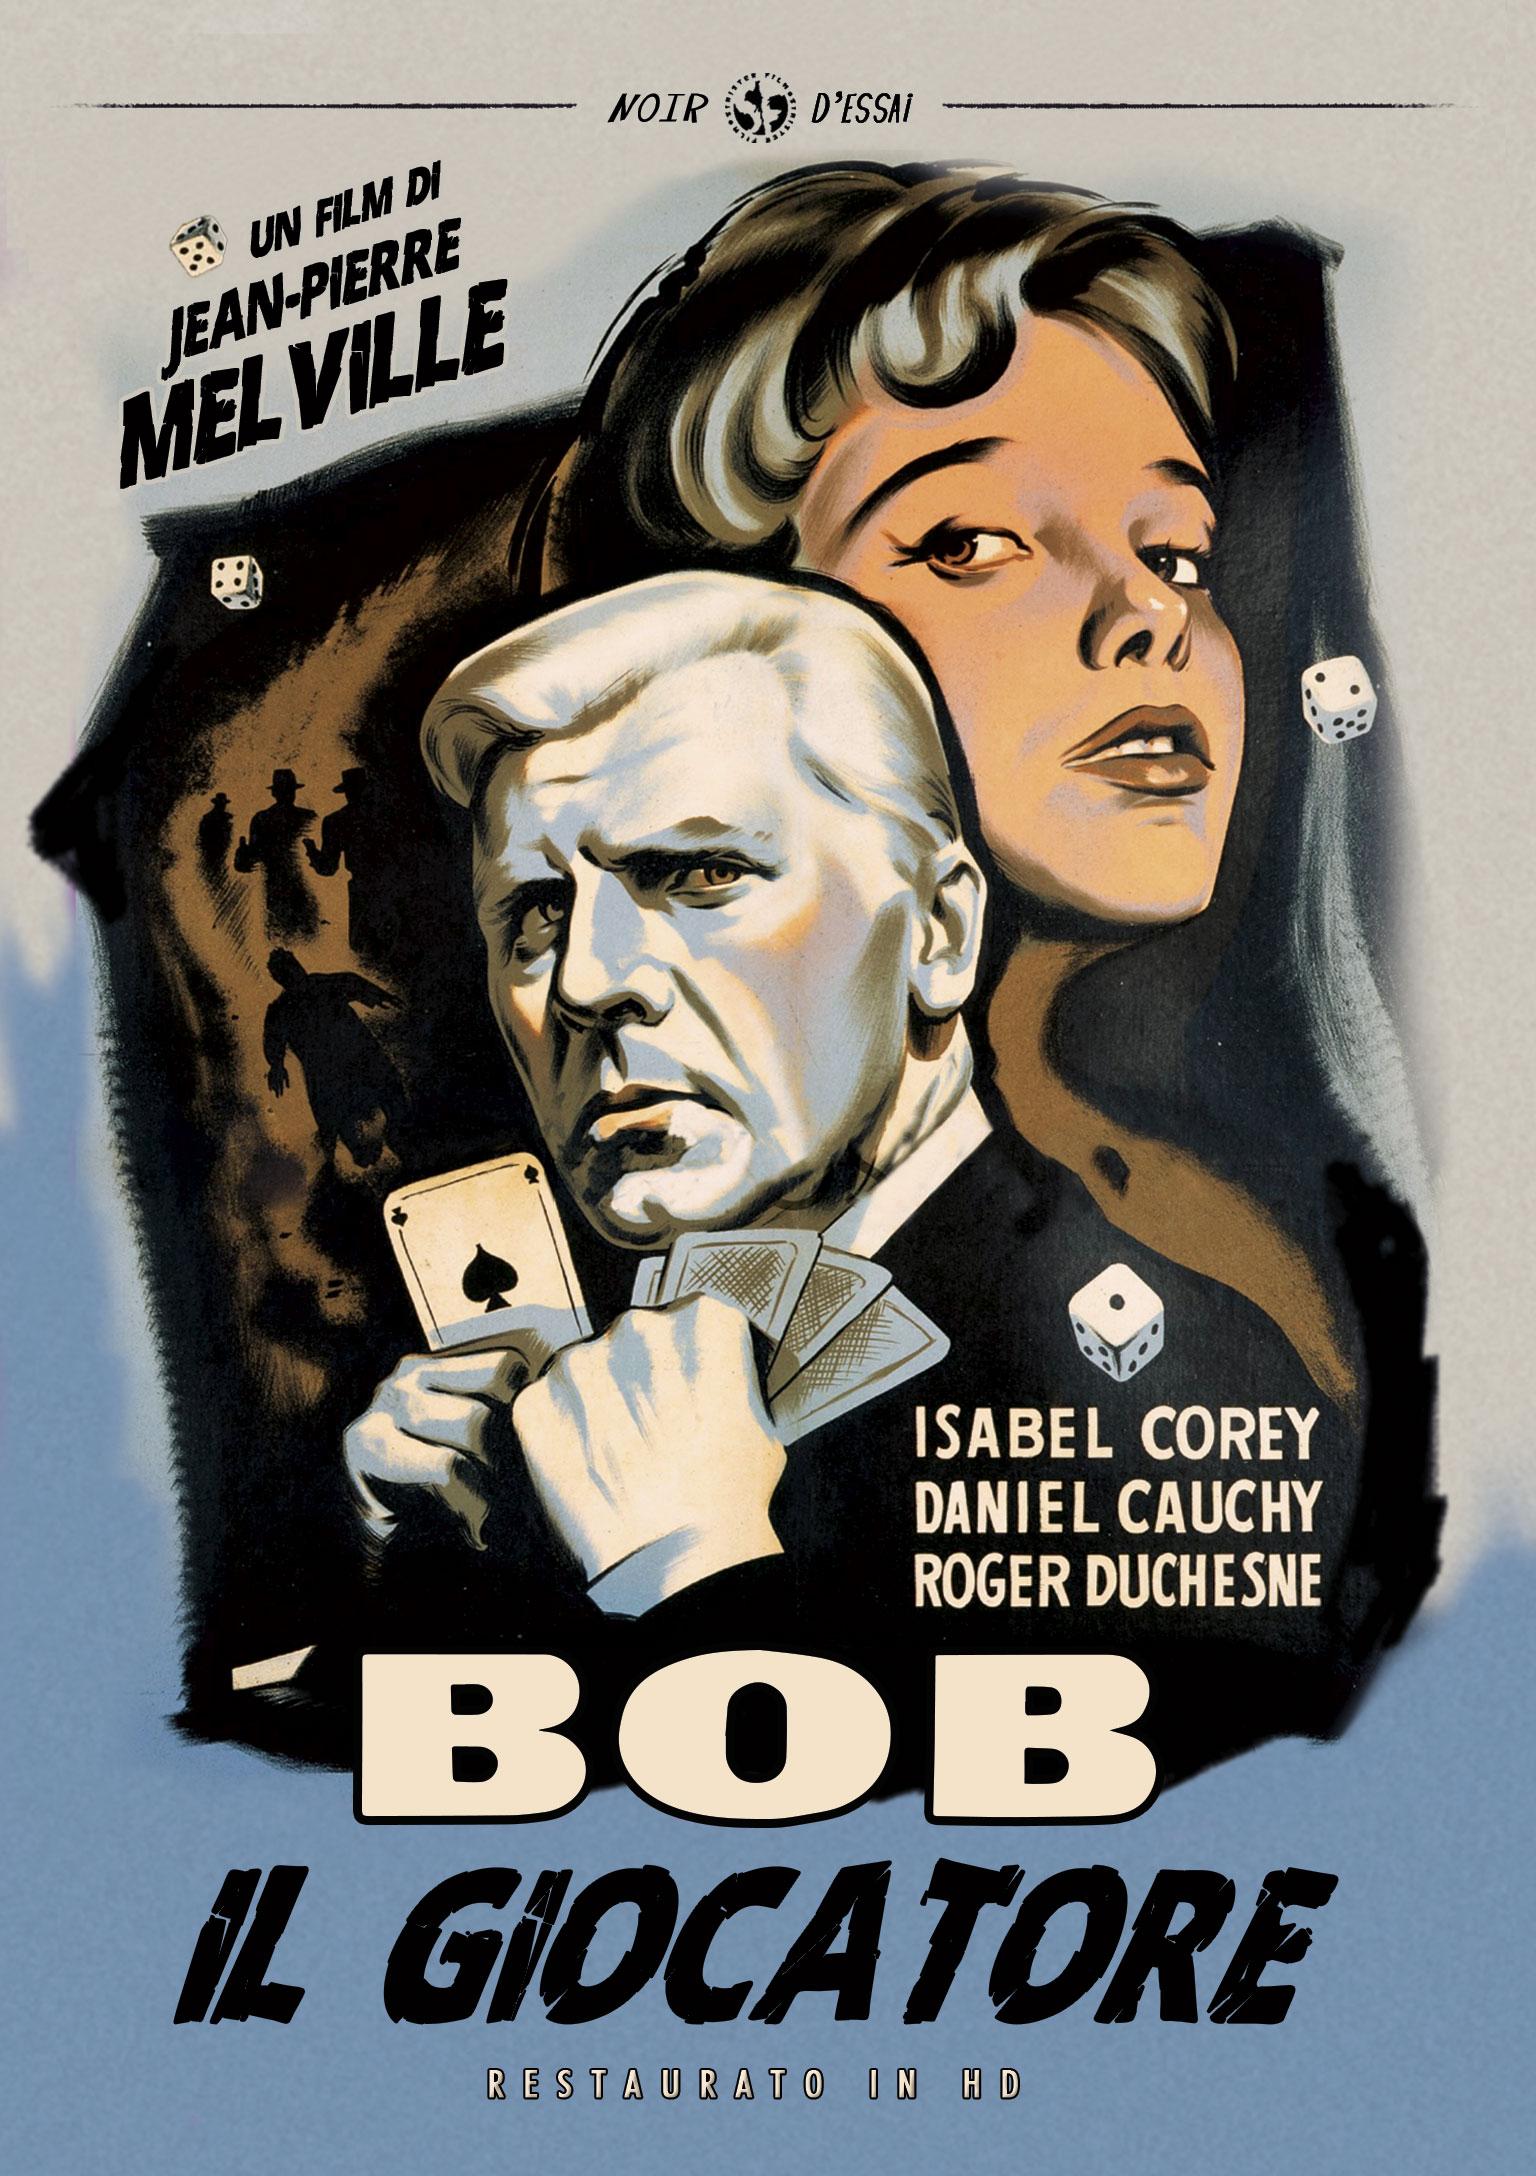 BOB IL GIOCATORE (RESTAURATO IN HD) (DVD)